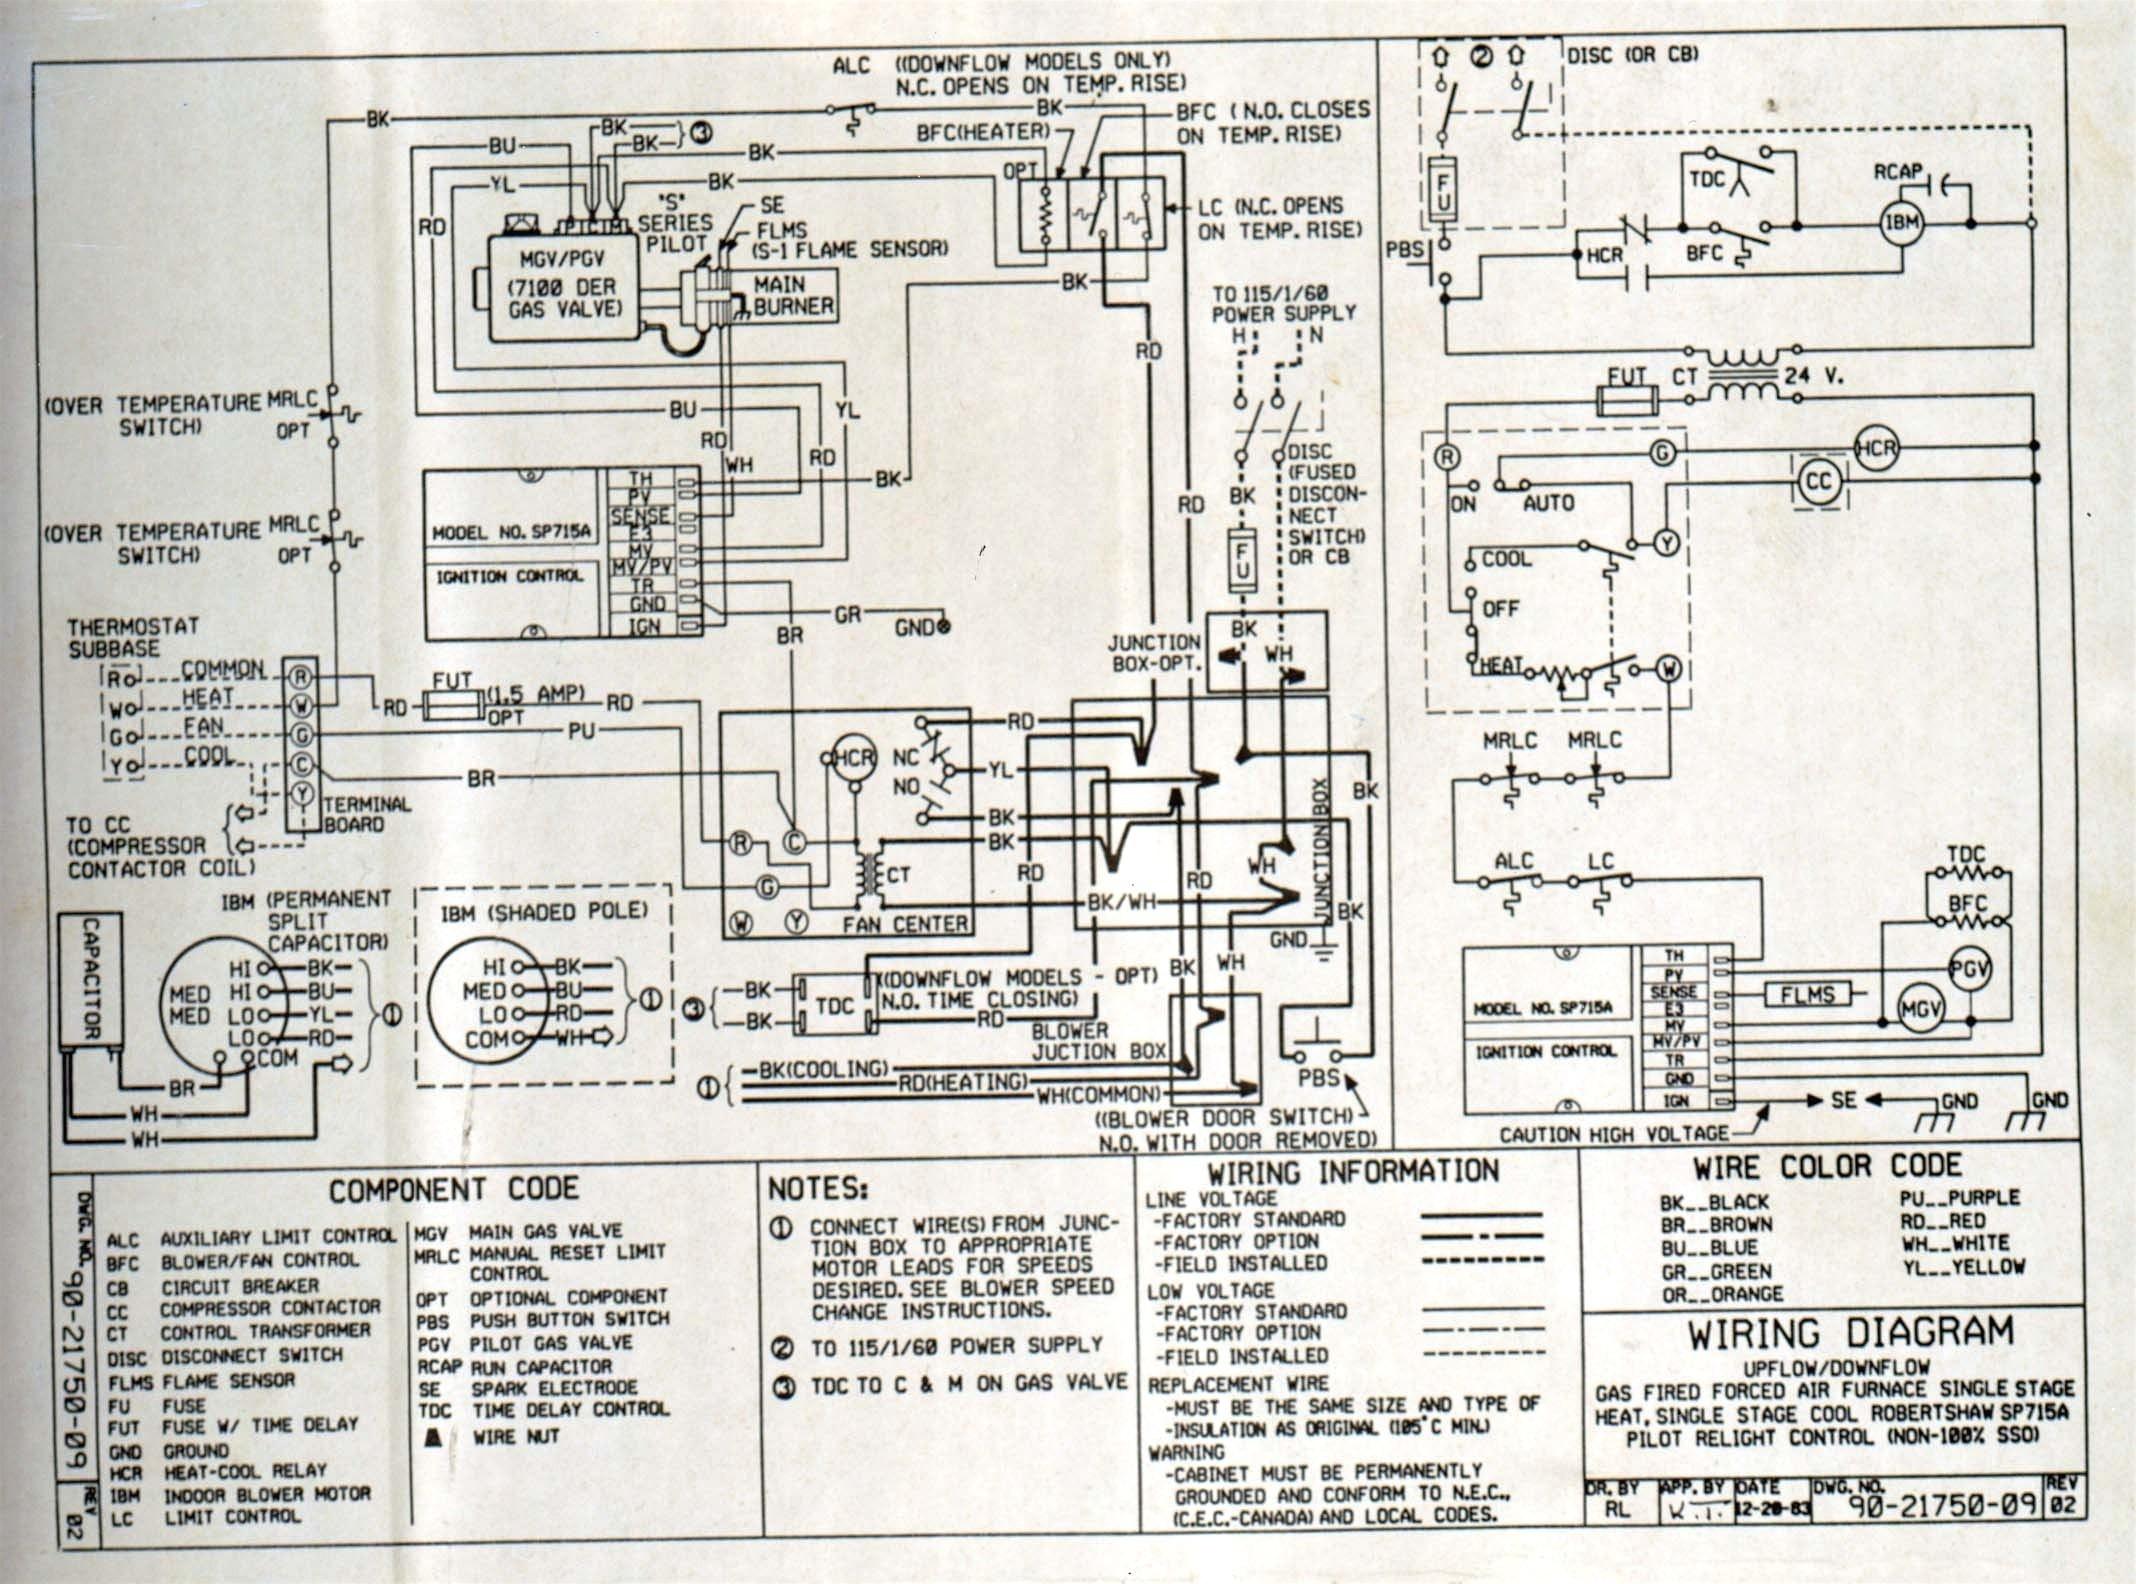 Goodman furnace manual wiring diagram